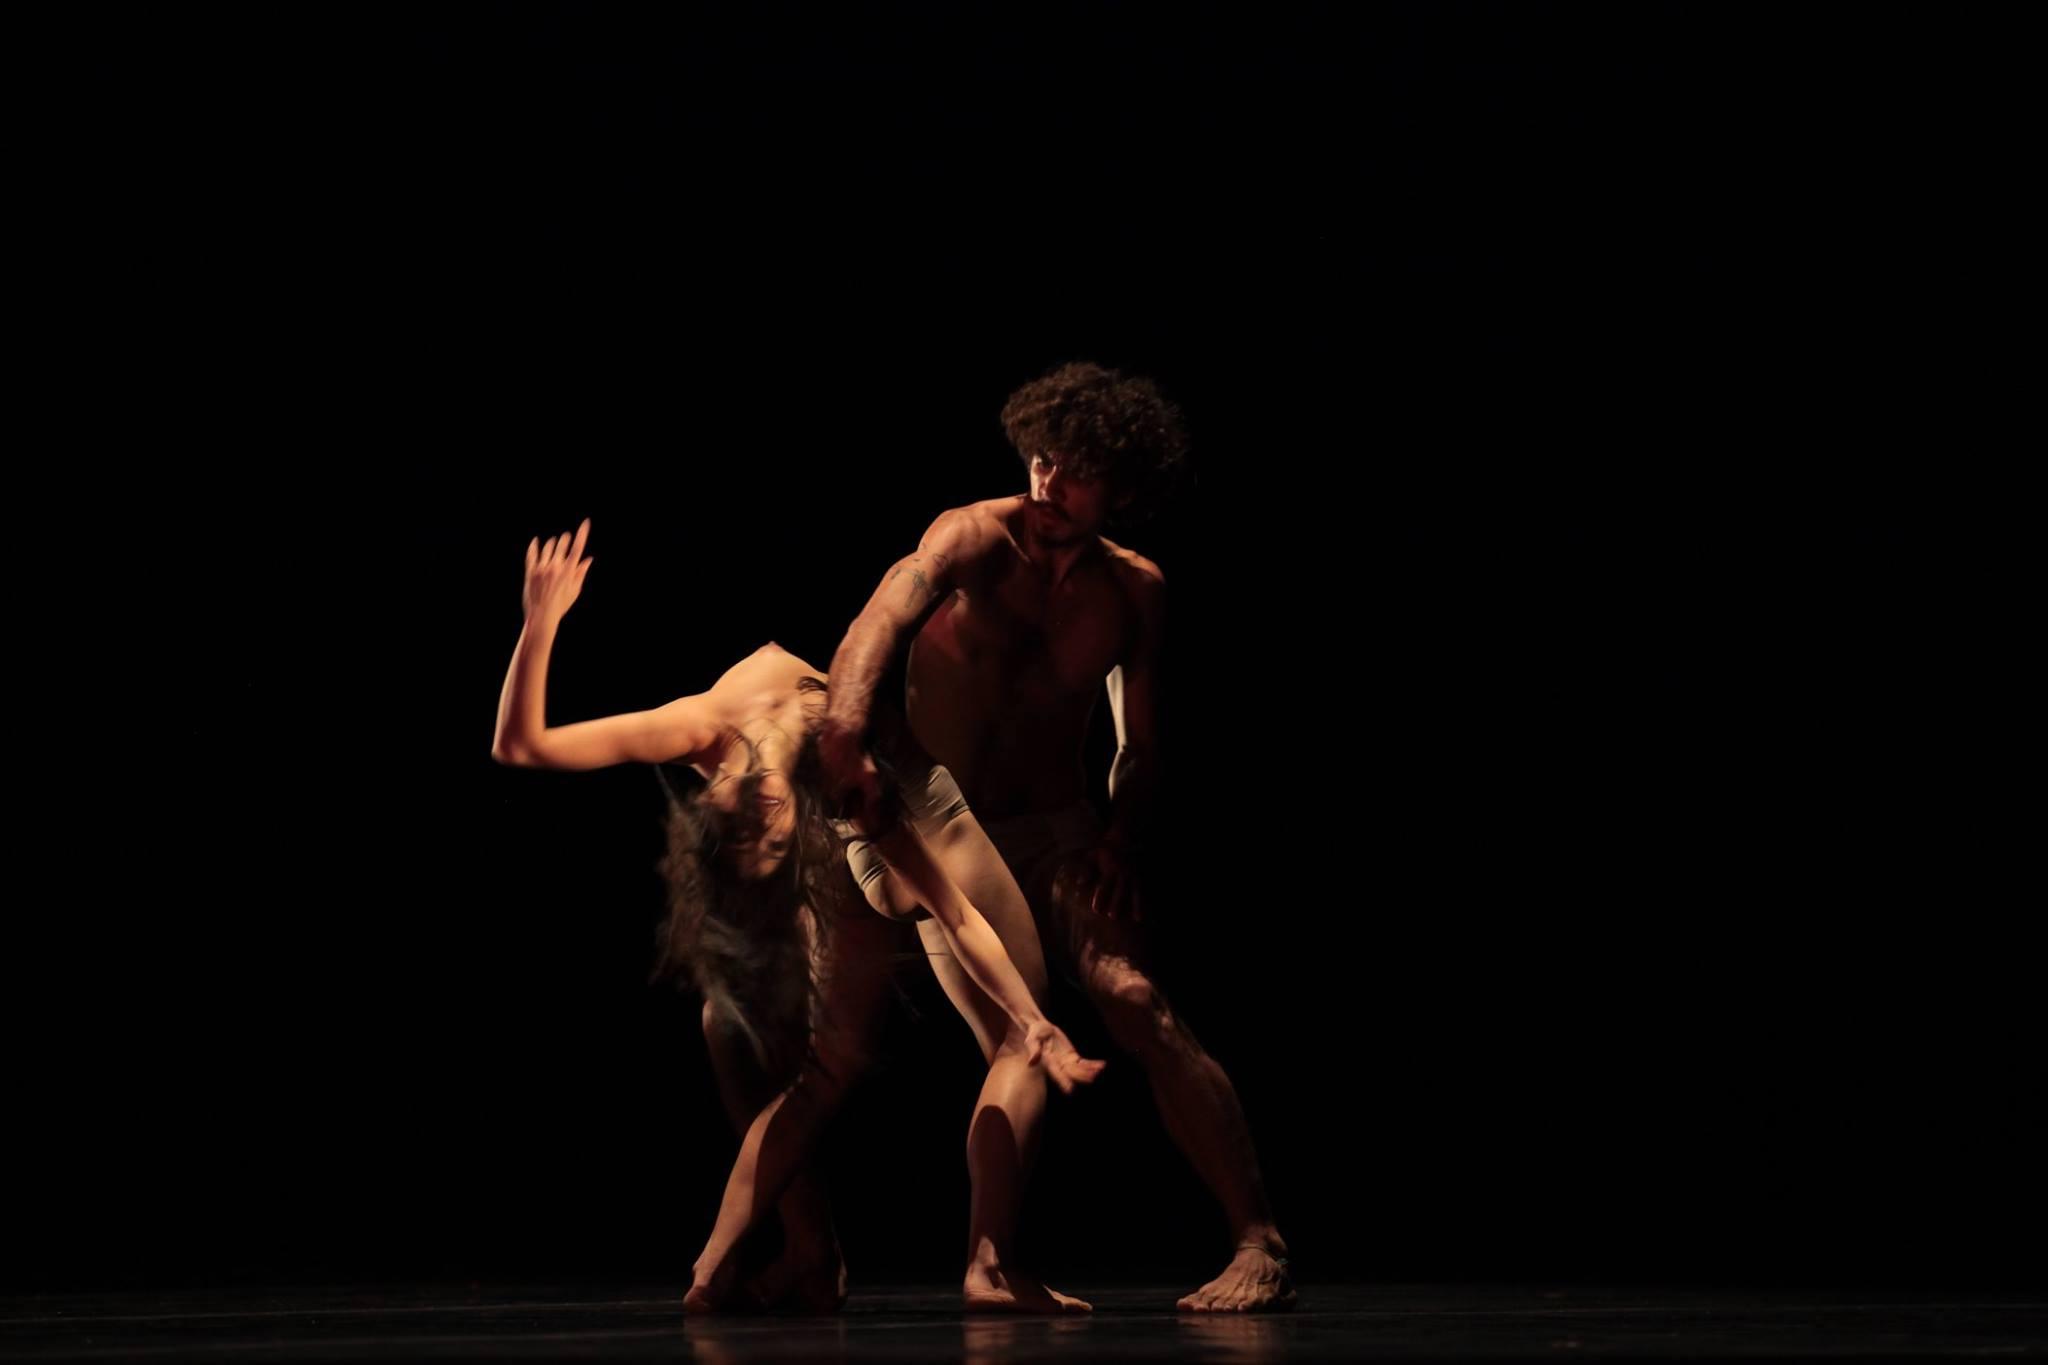 Danza Contemporánea de Cuba, solidez incuestionable en escena